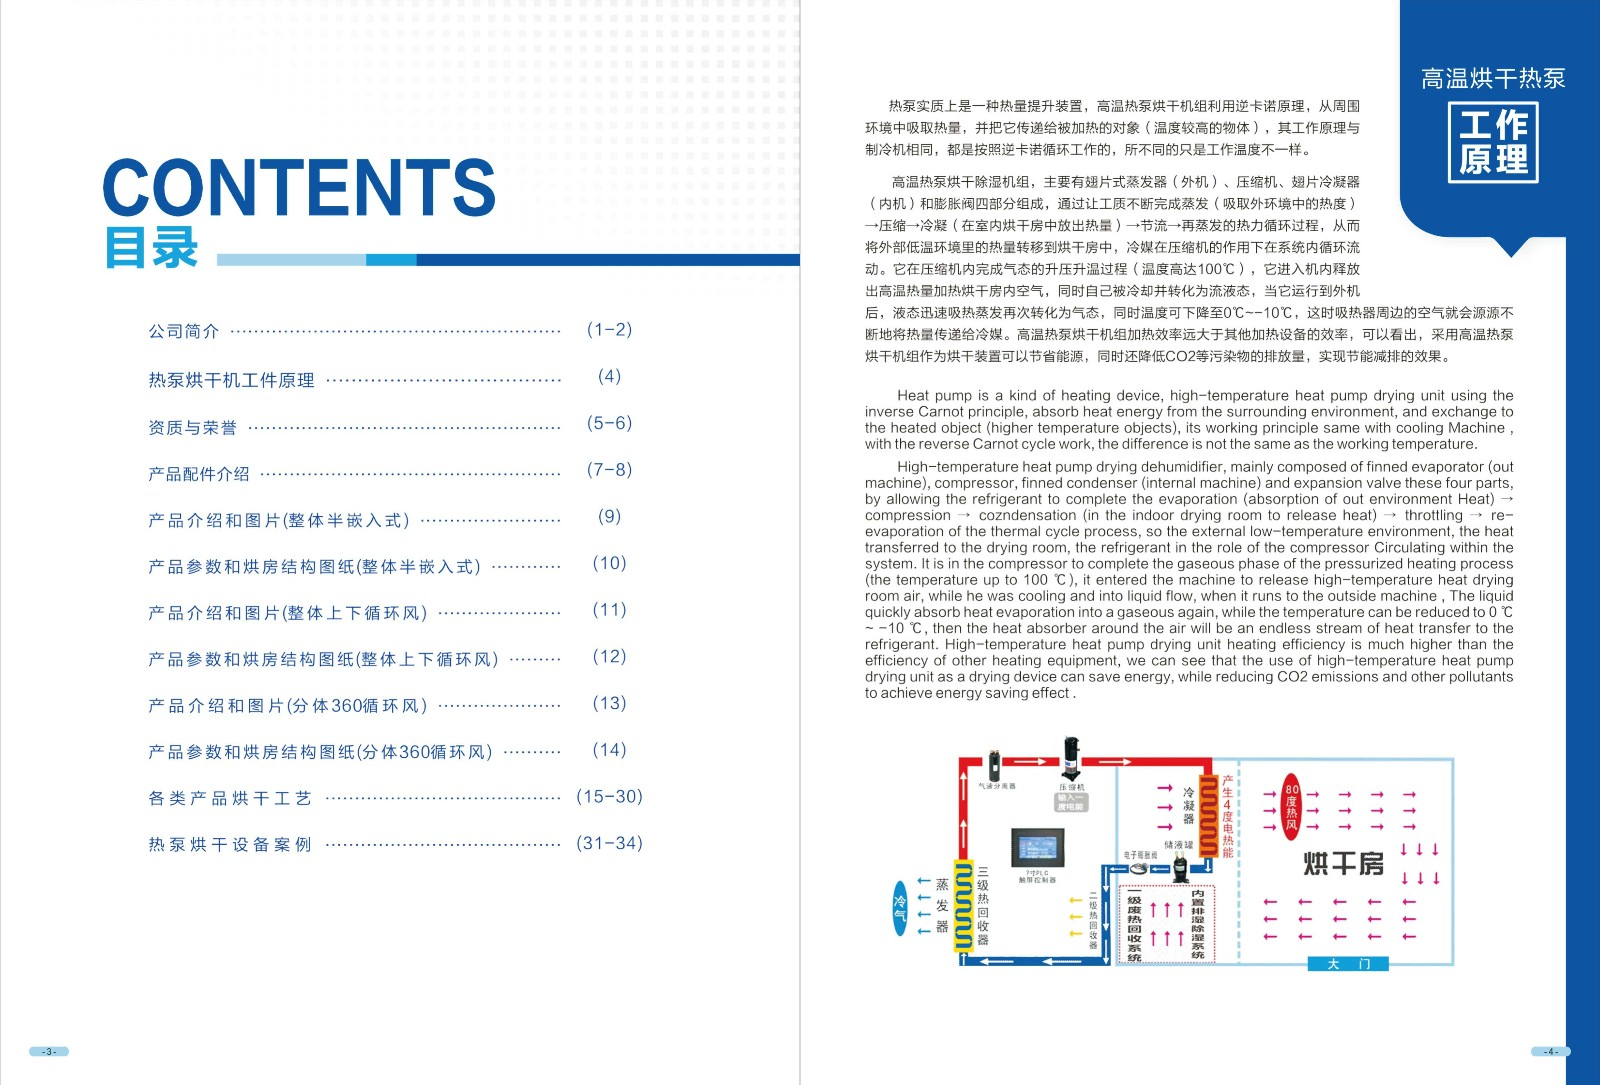 产品介绍|单页-广东瑞益新能源科技发展有限公司